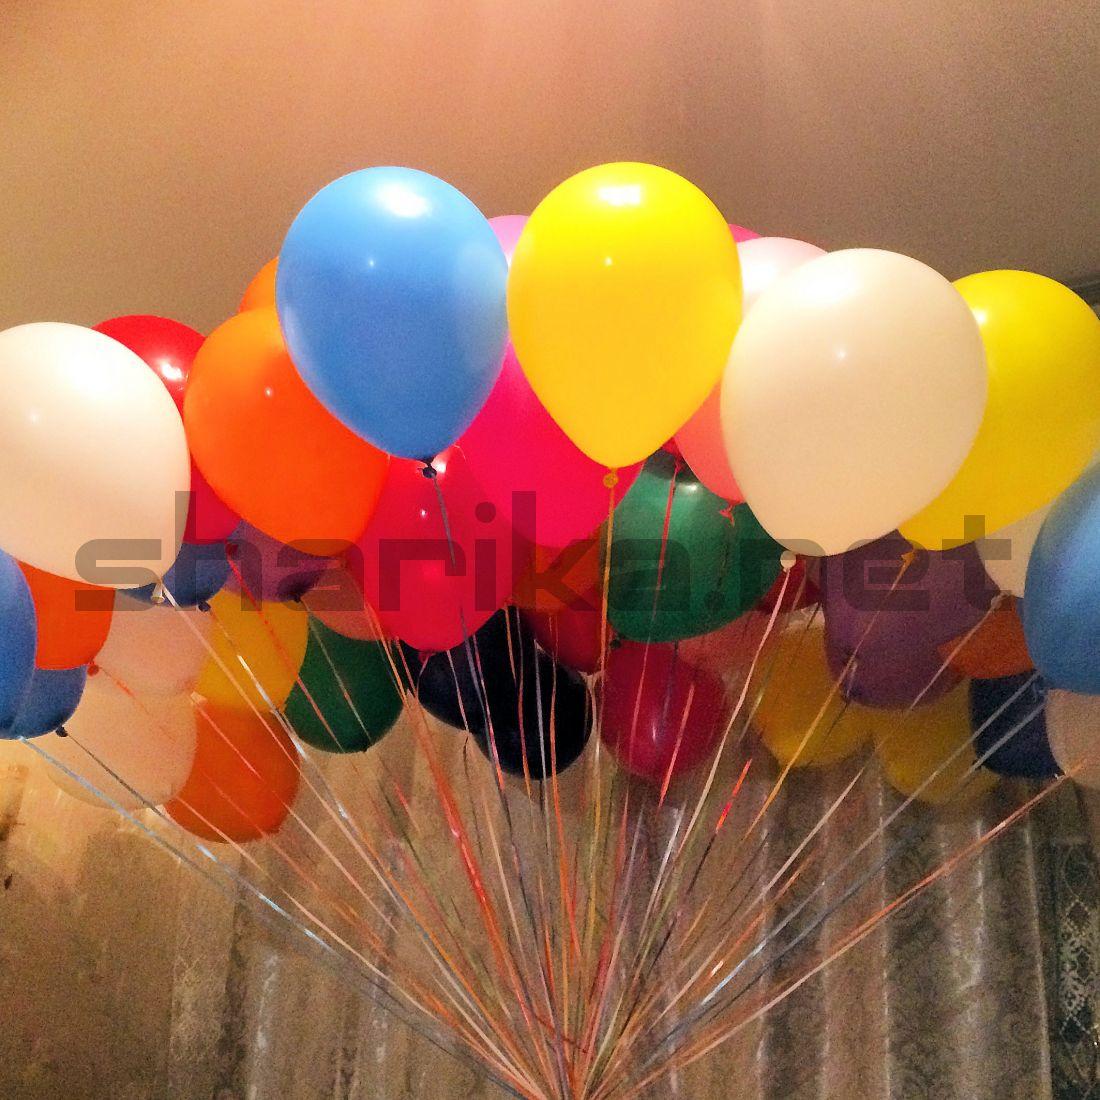 Облако из разноцветных воздушных шариков